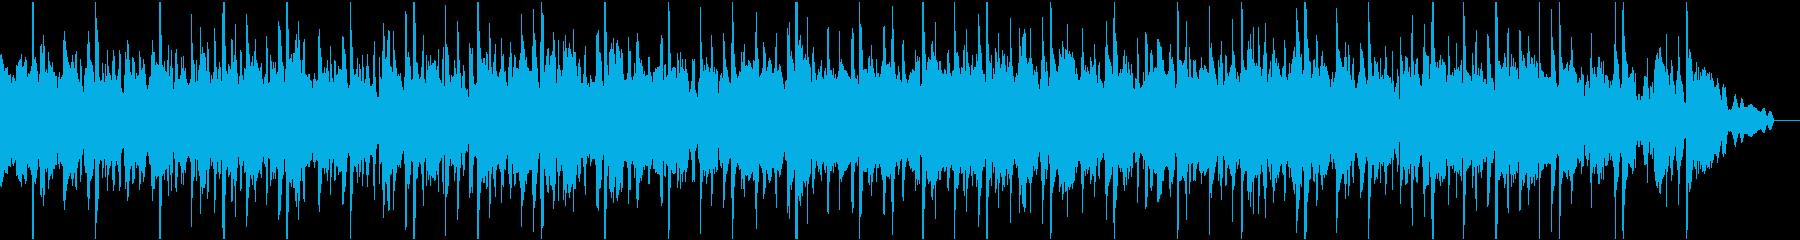 まったり、ちょっぴり切ないジングルベルの再生済みの波形